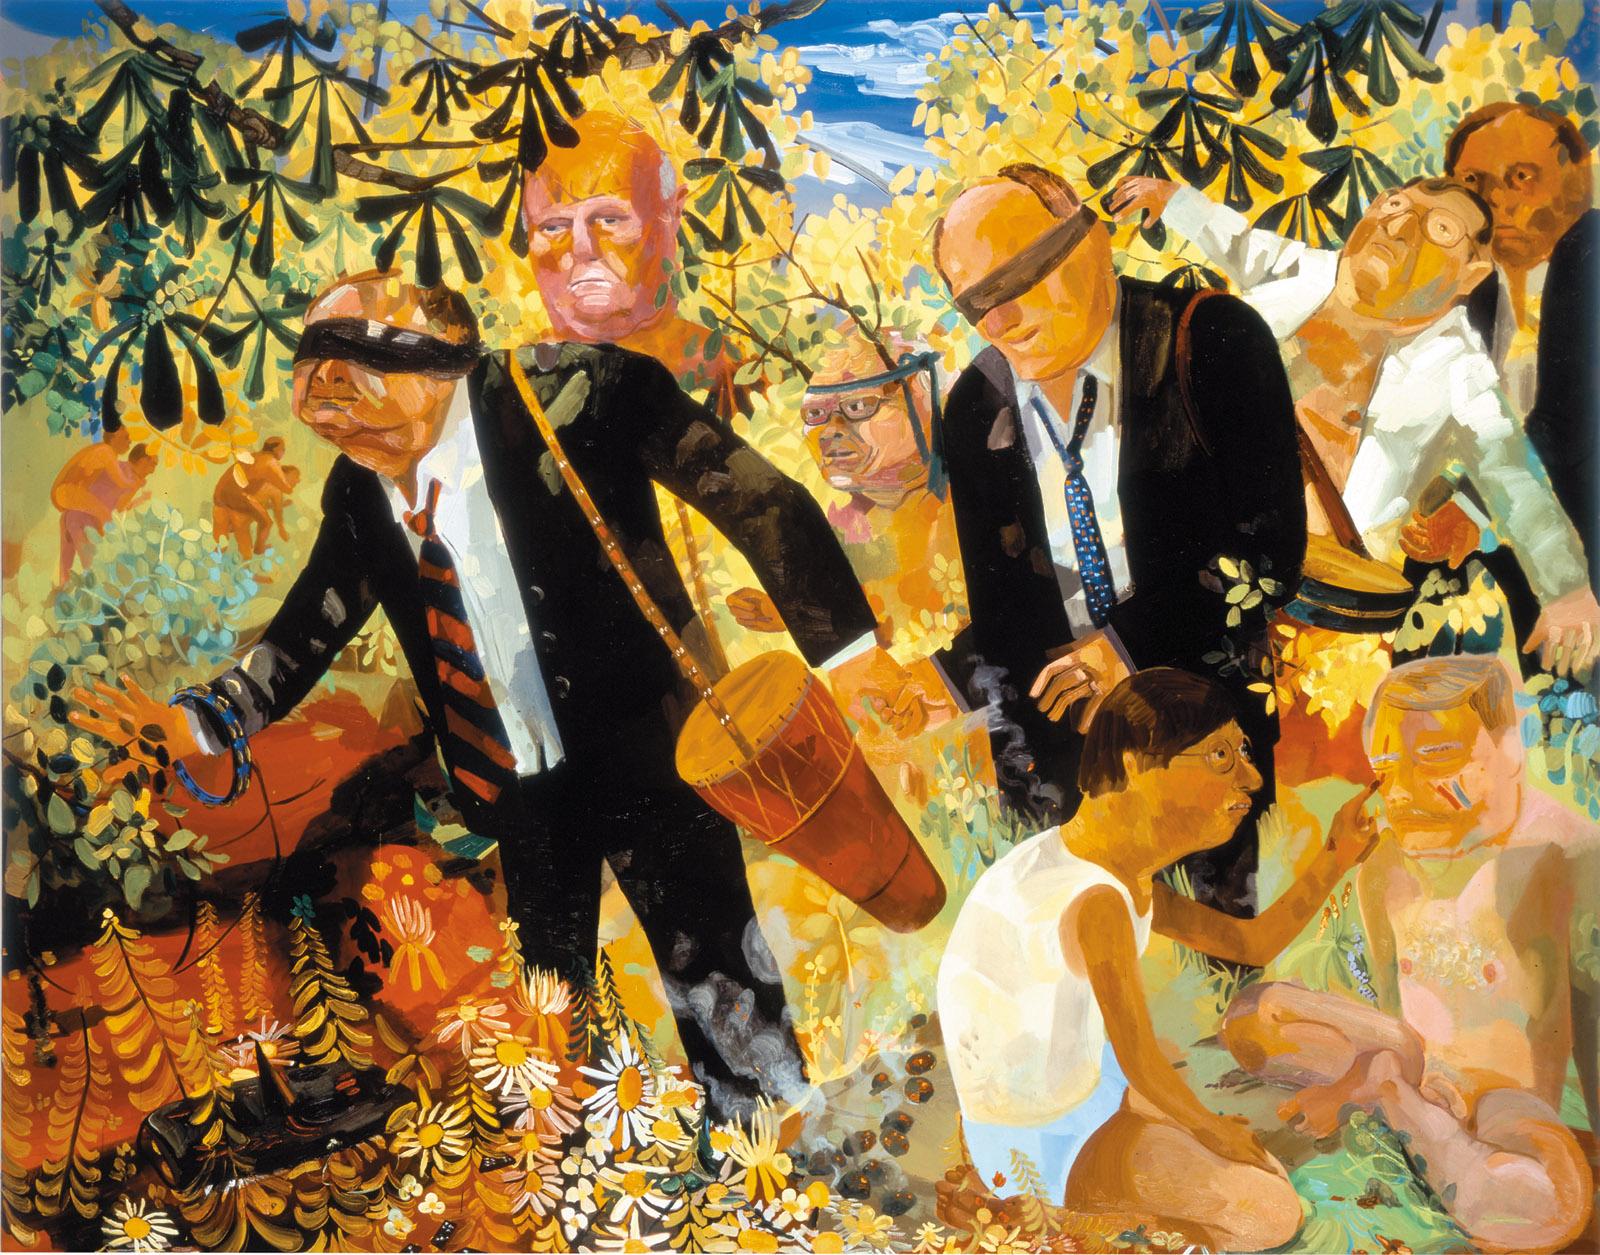 Men's Retreat, 2005; painting by Dana Schutz